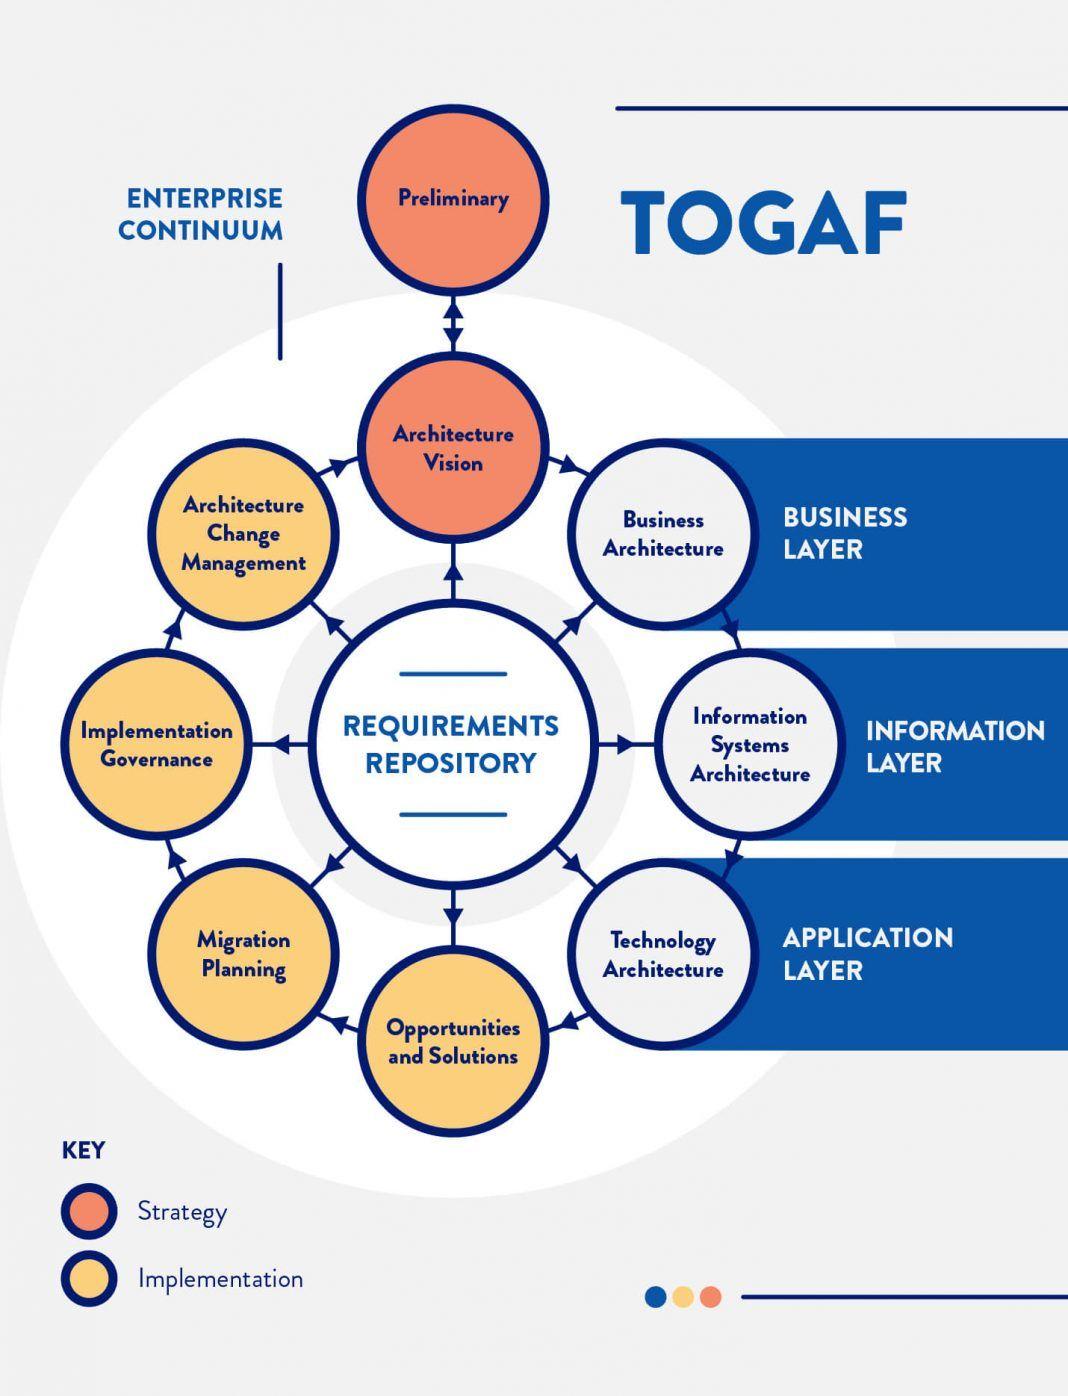 38 Clever Enterprise Architecture Diagram Design Ideas Bacamajalah In 2020 Enterprise Architecture Diagram Architecture Diagram Design